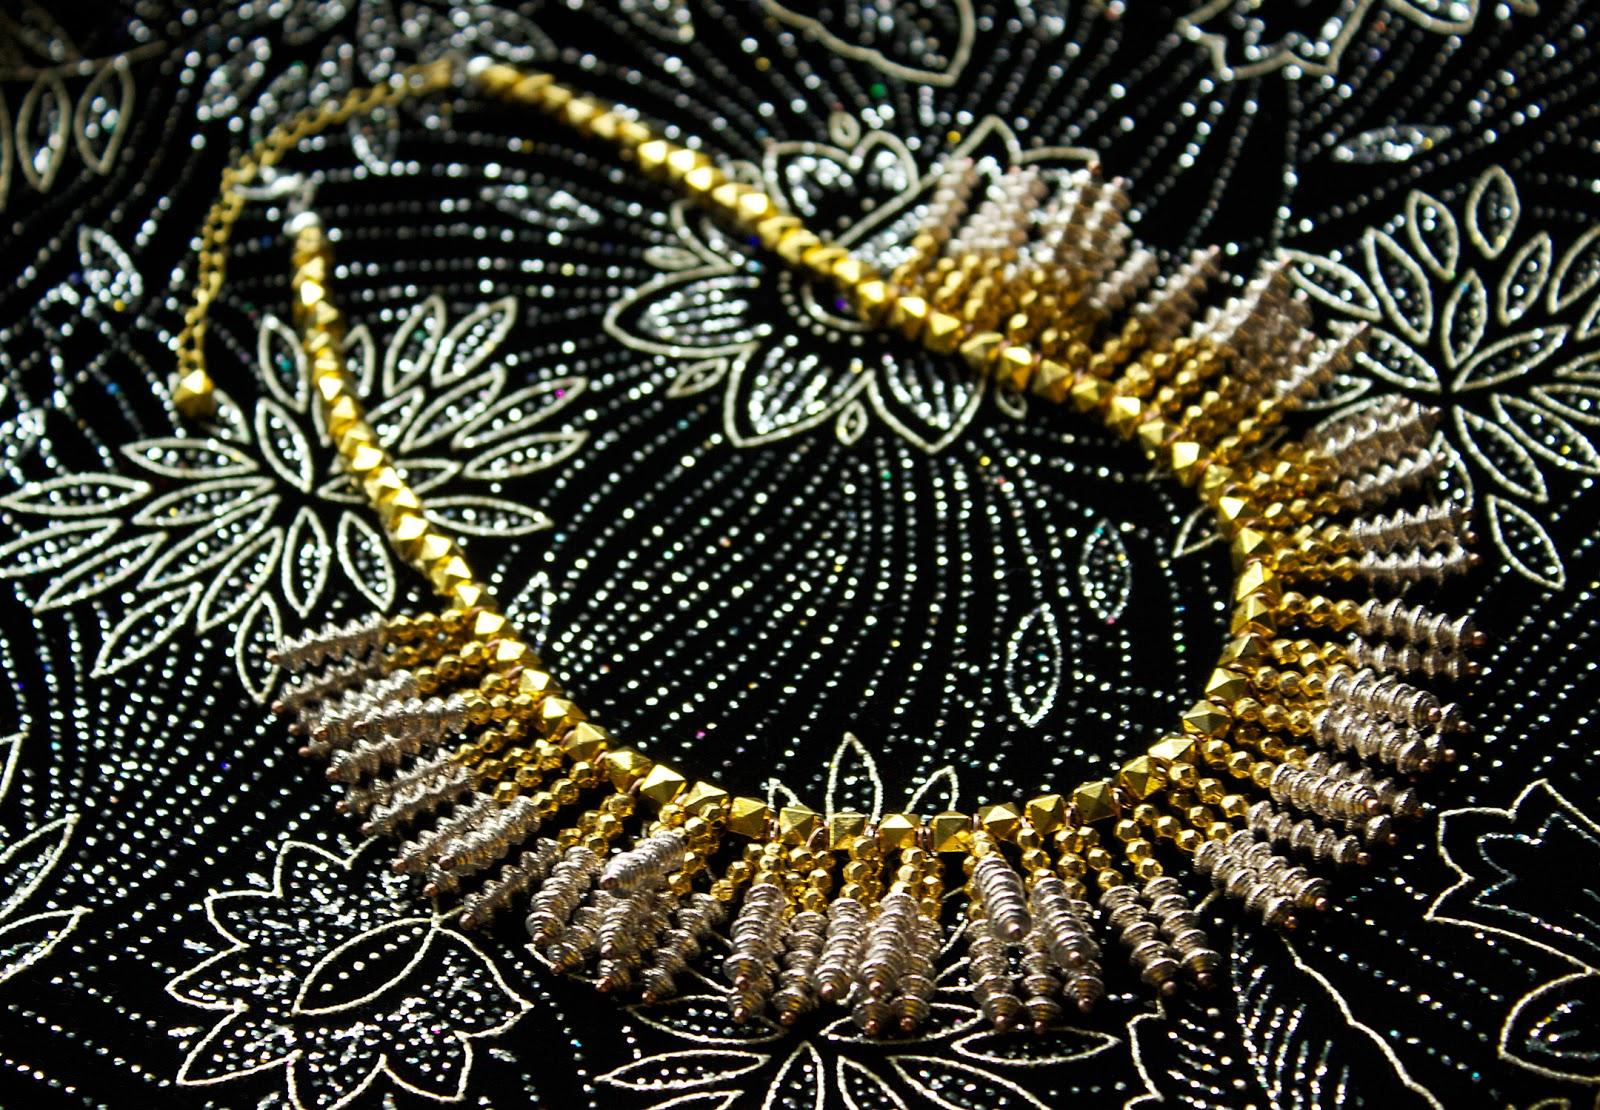 stardust sparkler necklace tutorial by allison beth cooling